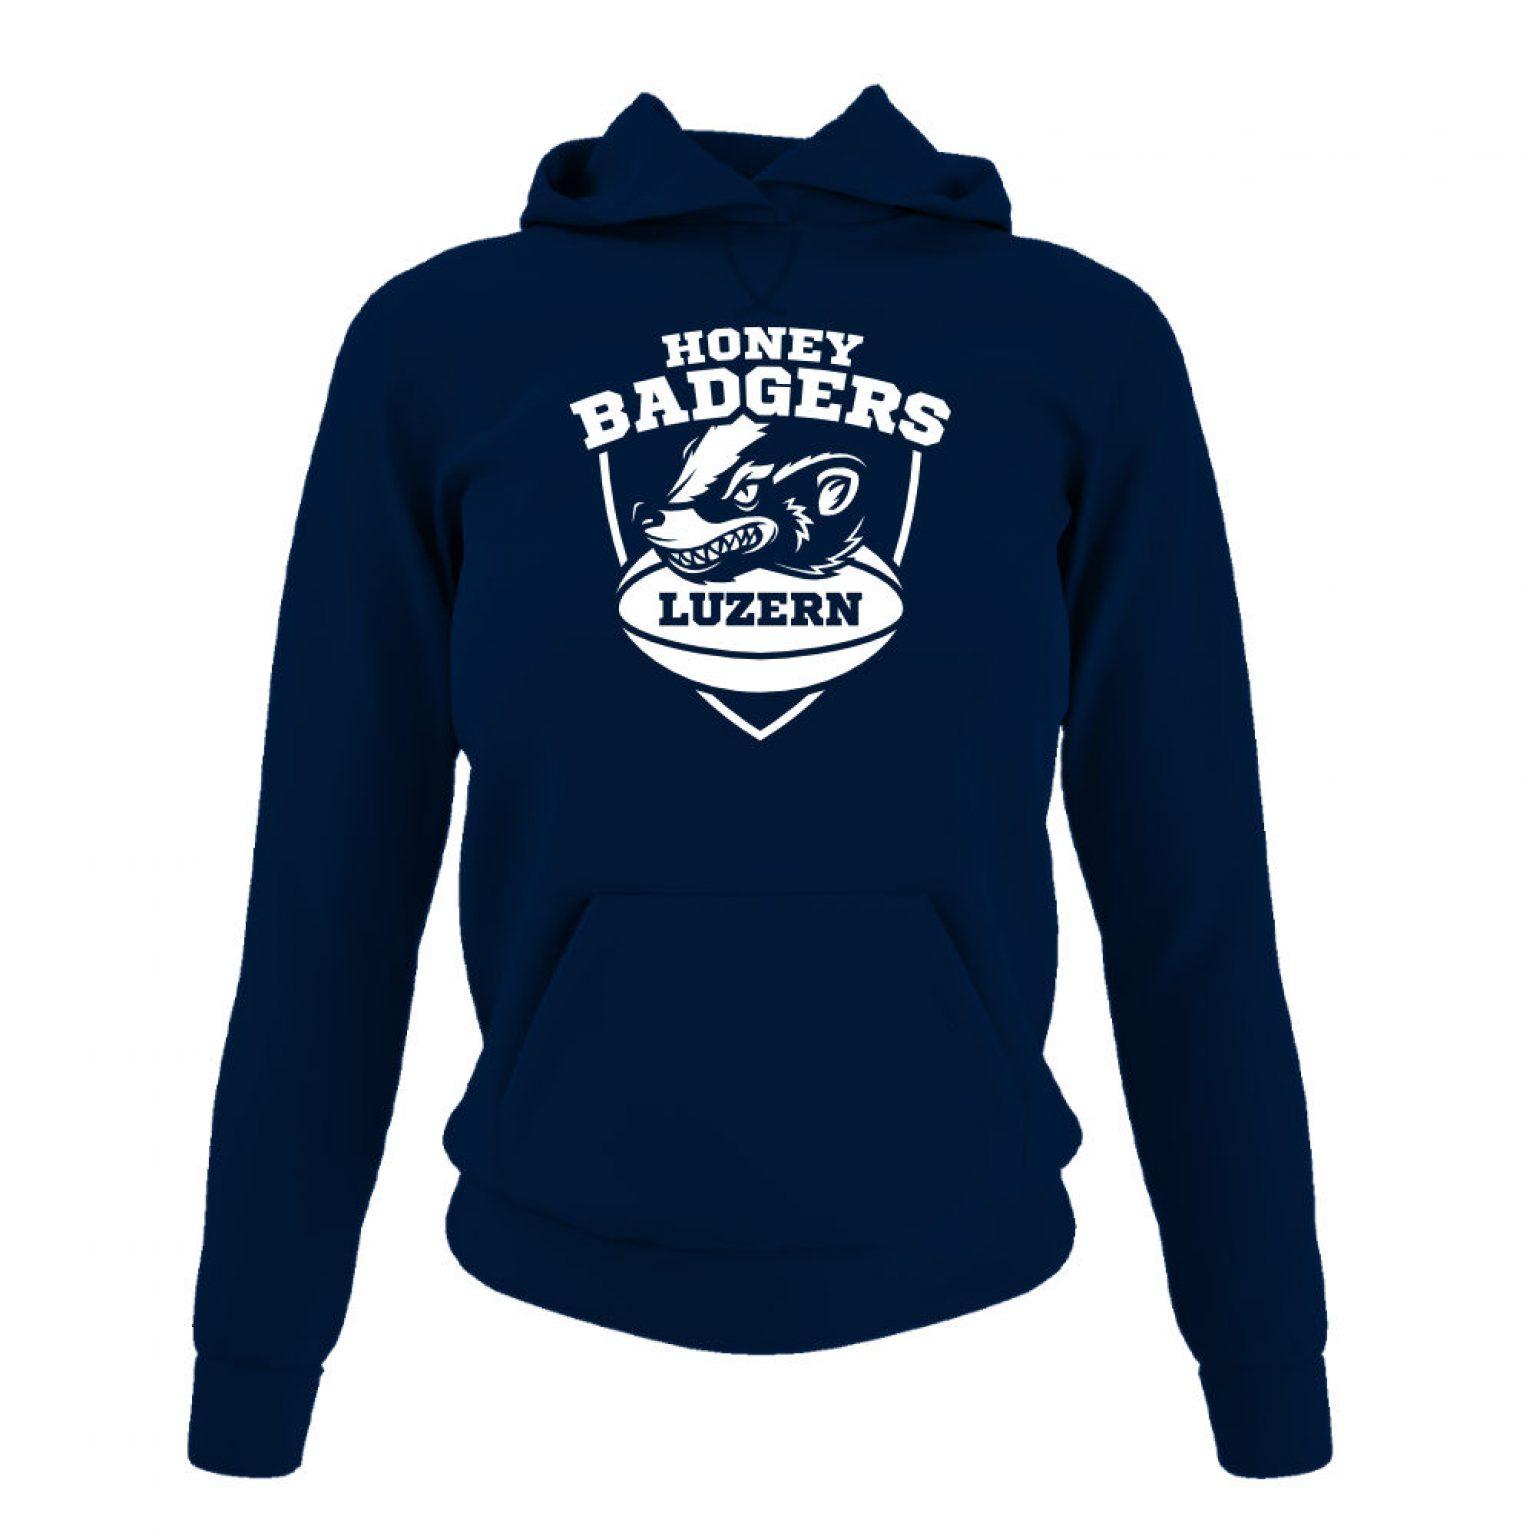 Honeybadgers hoodie damen navy